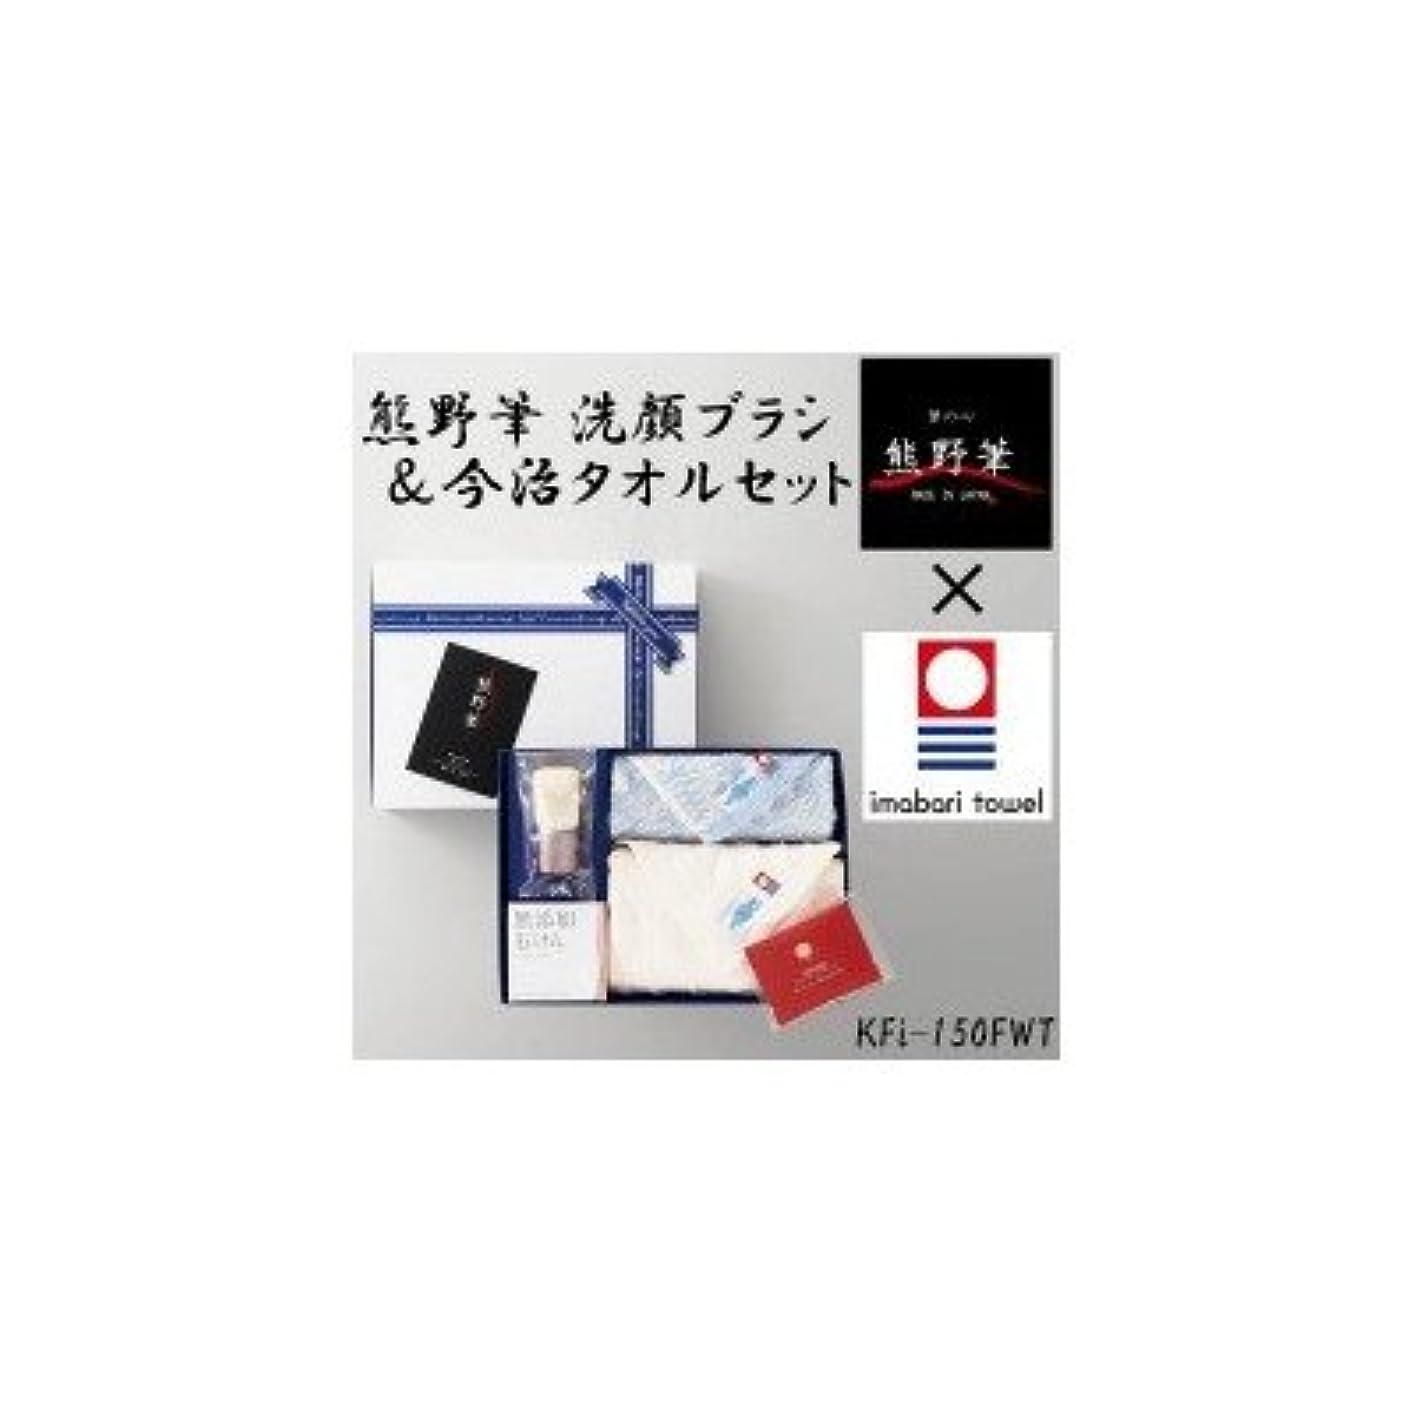 忘れる賞賛否定する熊野筆と今治タオルのコラボレーション 熊野筆 洗顔ブラシ&今治タオルセット KFi-150FWT